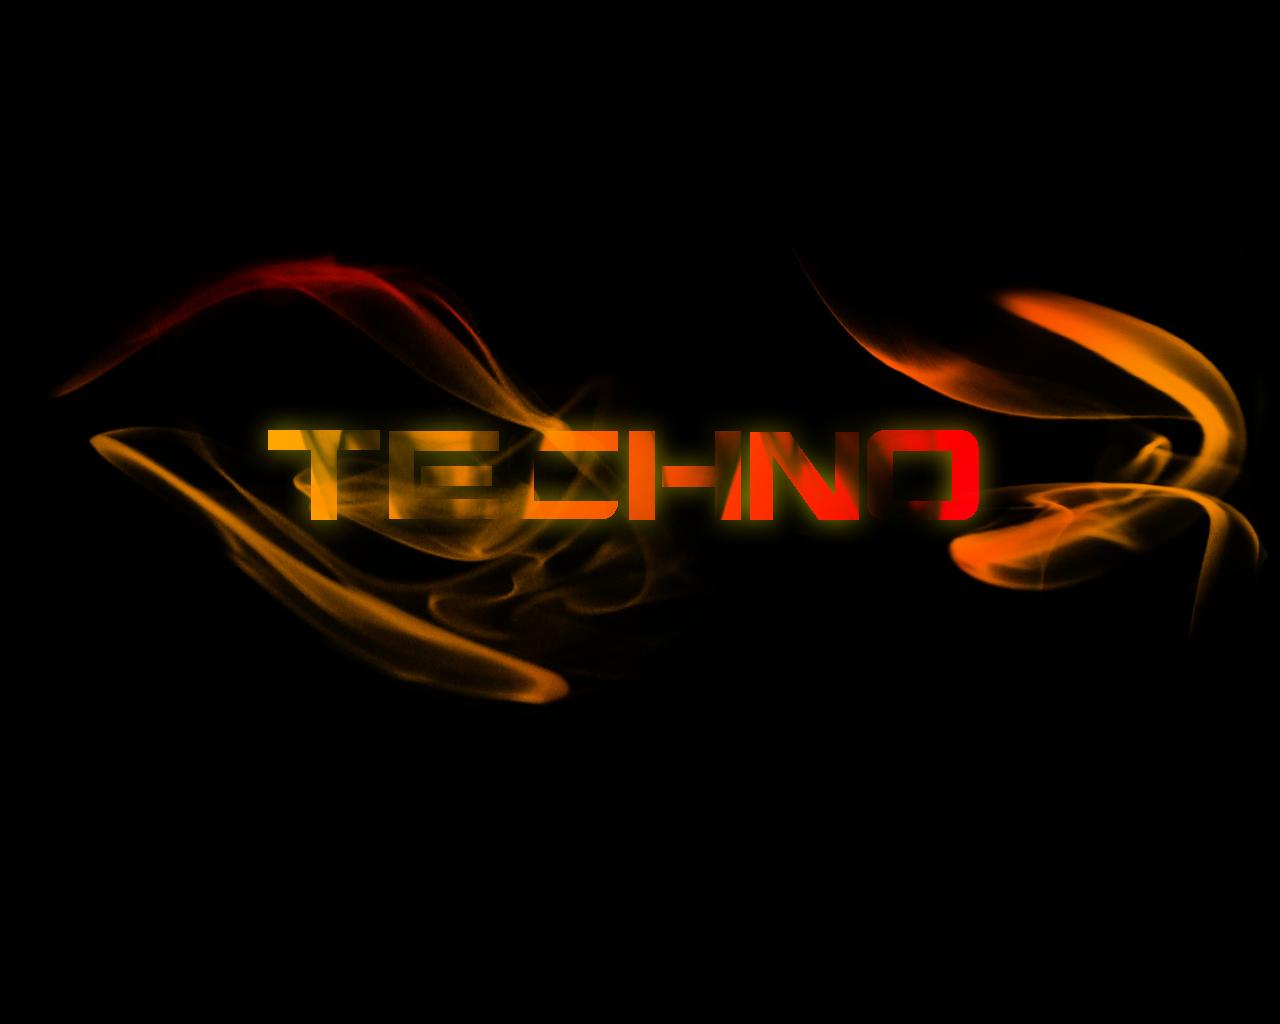 http://4.bp.blogspot.com/-PpOMF09o5bI/TxuzwjrfTUI/AAAAAAAAAjY/34IpyjrDK7g/s1600/Techno_Wallpaper_by_Marakazarai.jpg